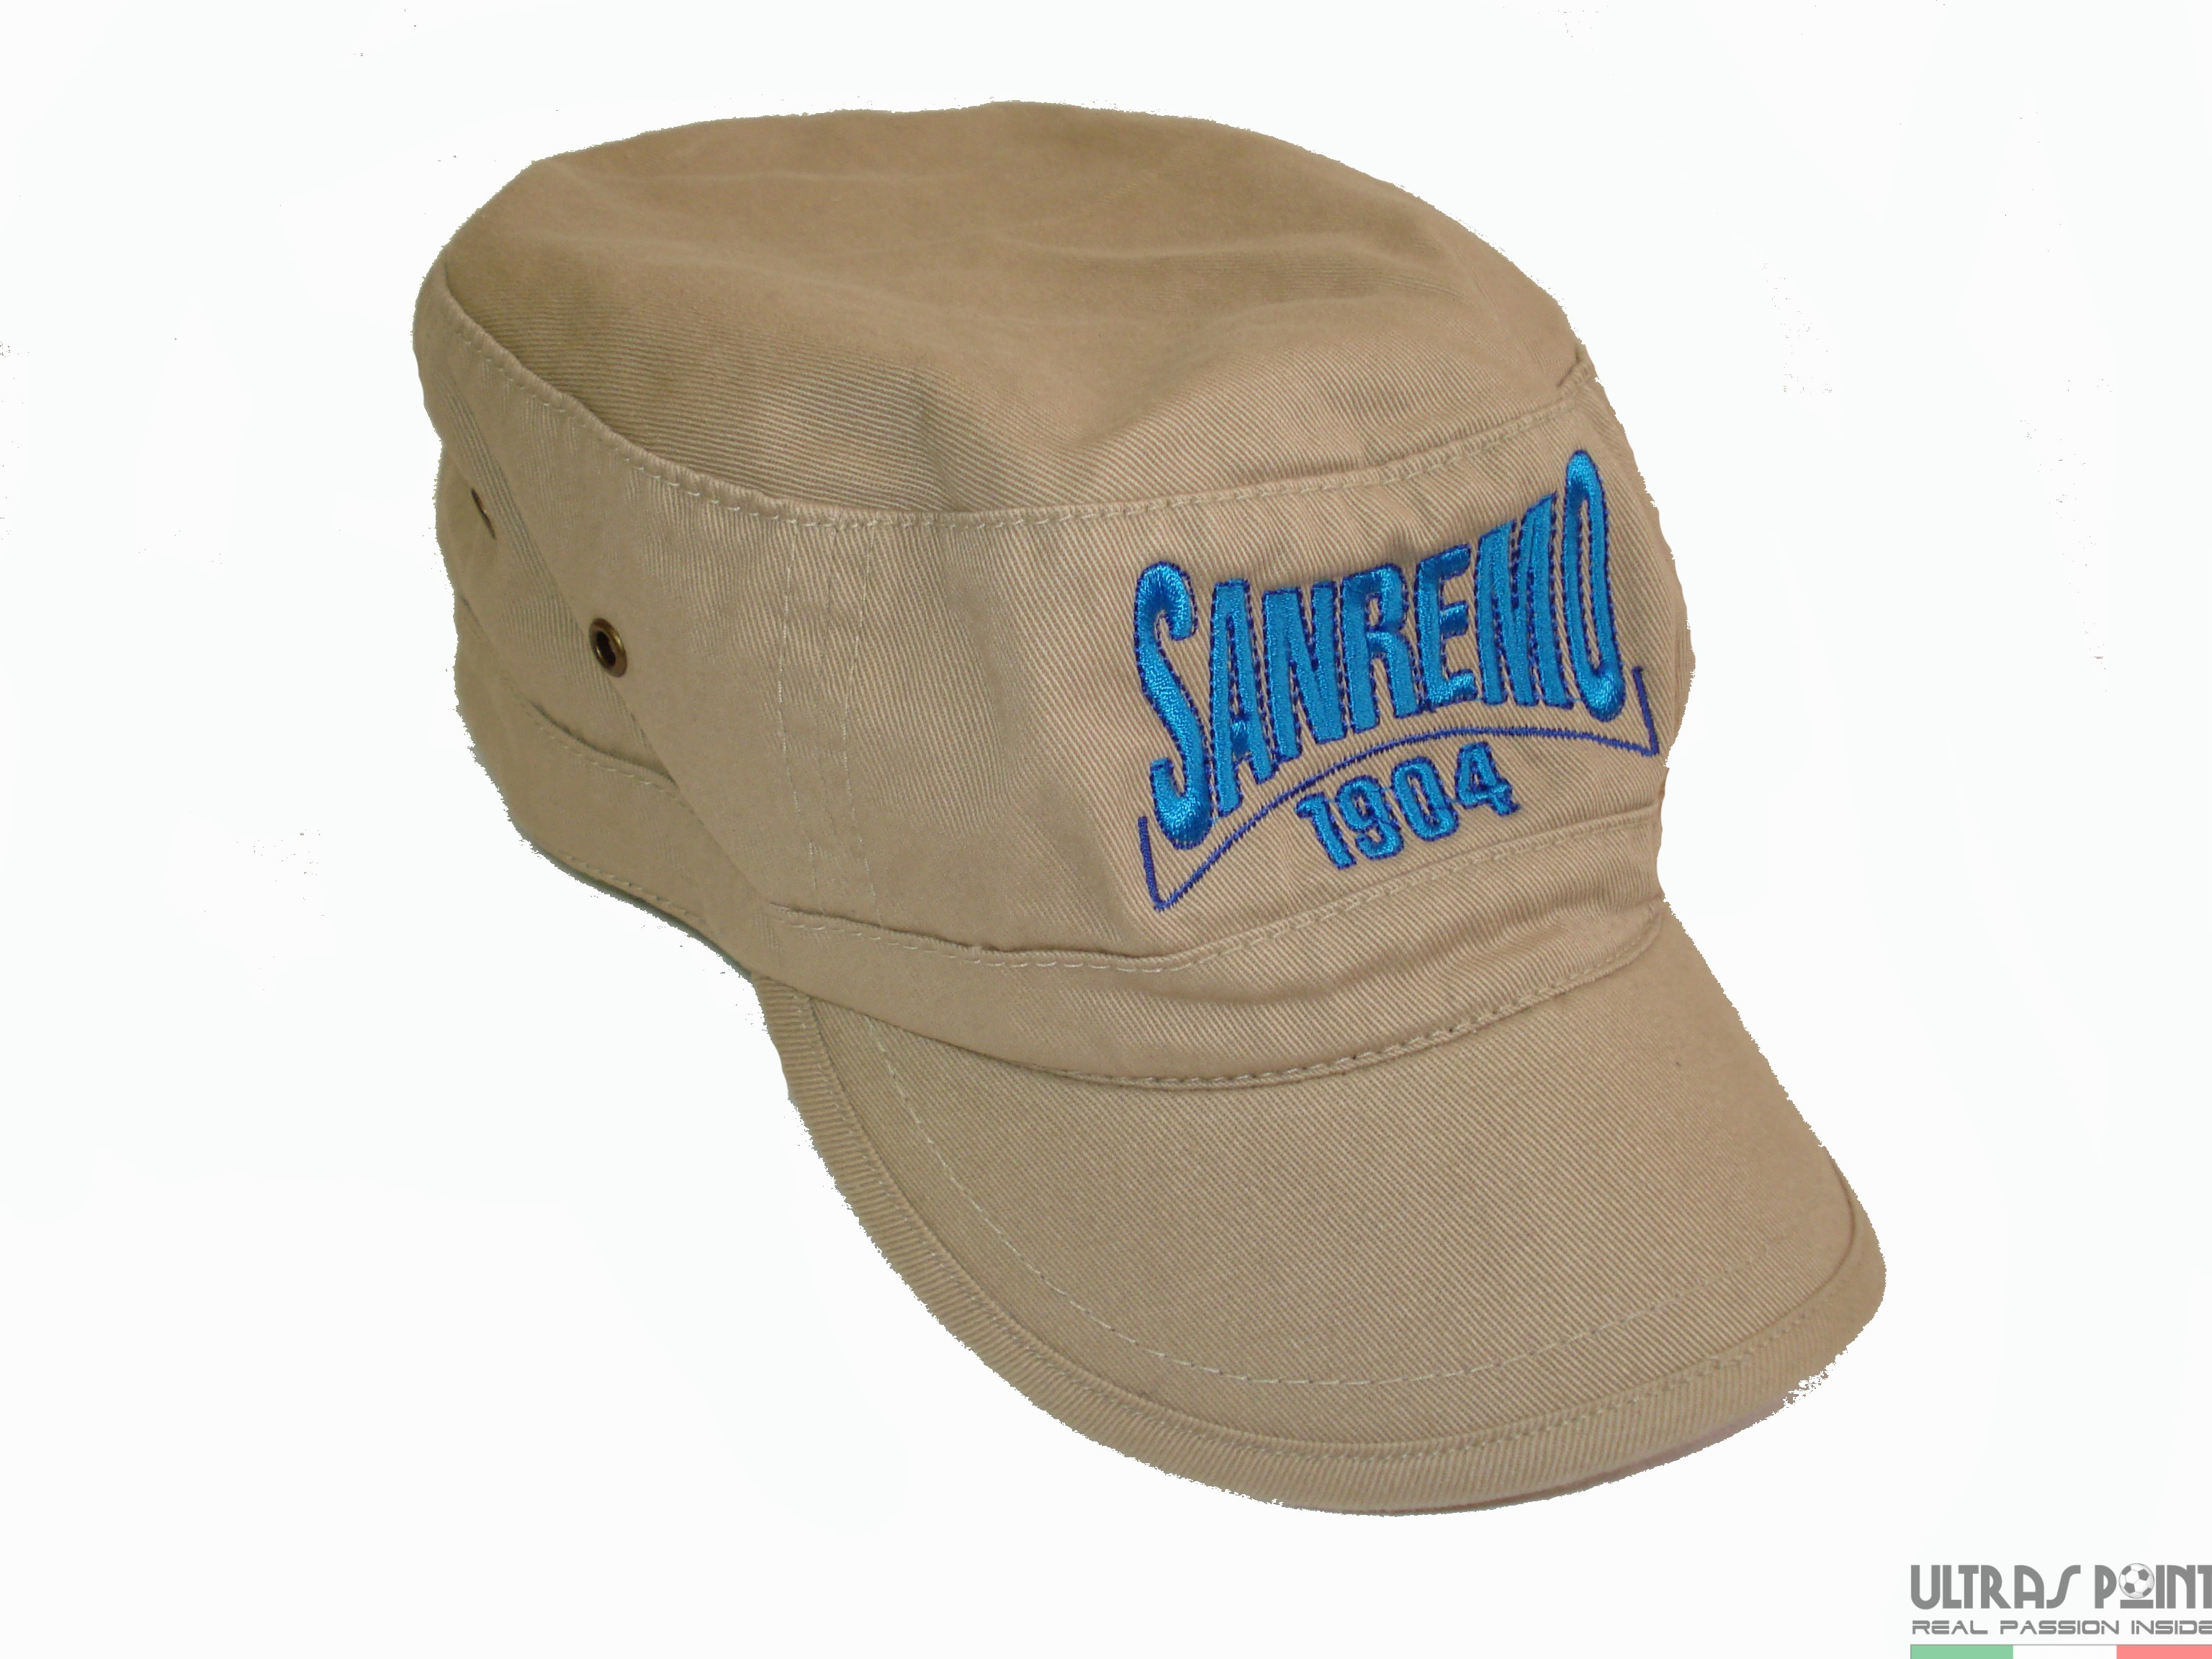 cappellino army atlantis sanremo